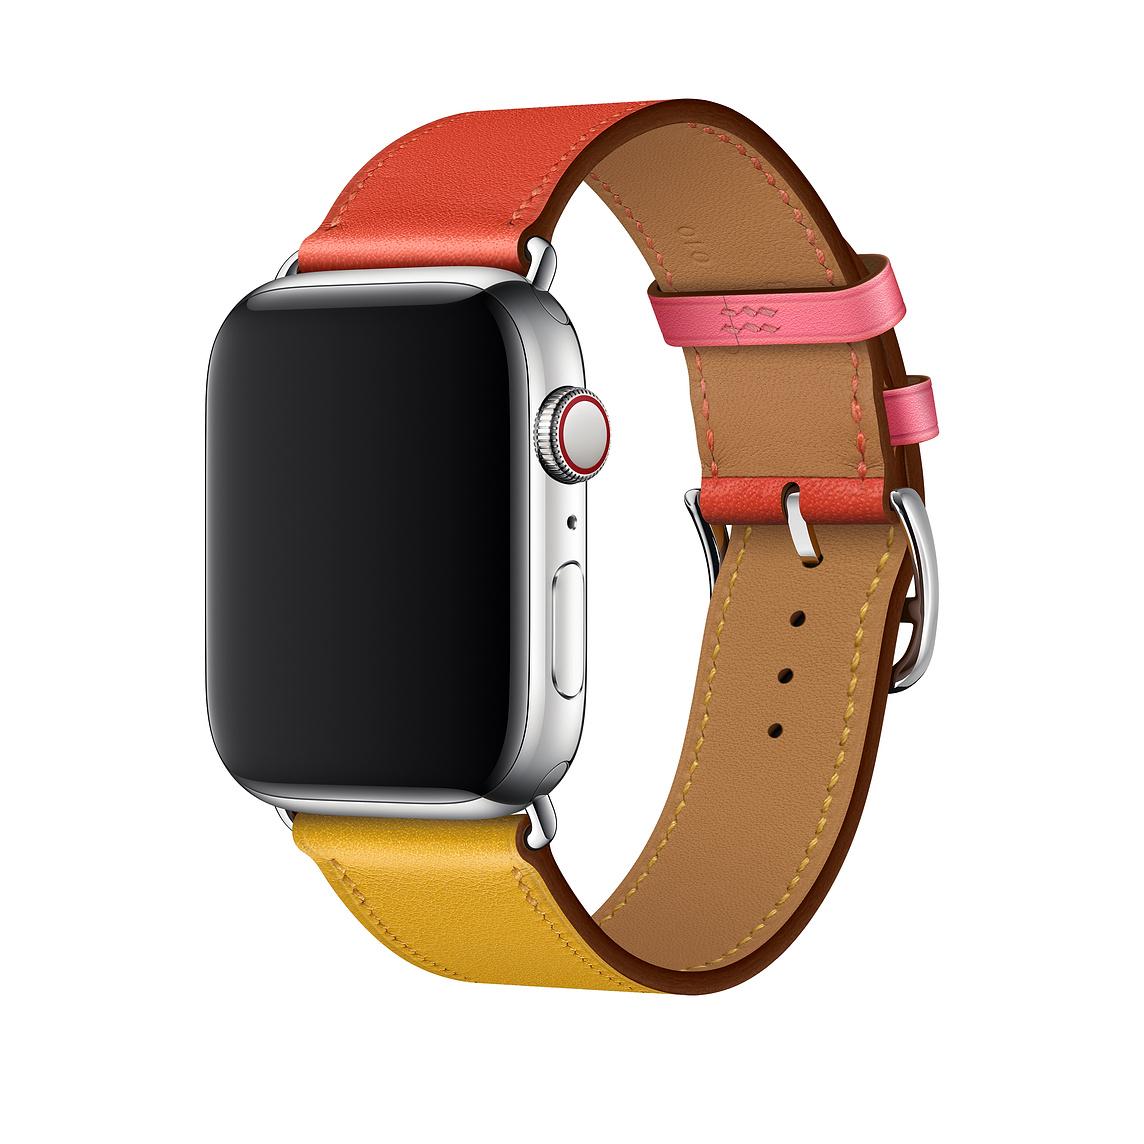 Řemínek Single Tour pro Apple Watch Series 3/2/1 (38mm) - Bordó/Žlutý